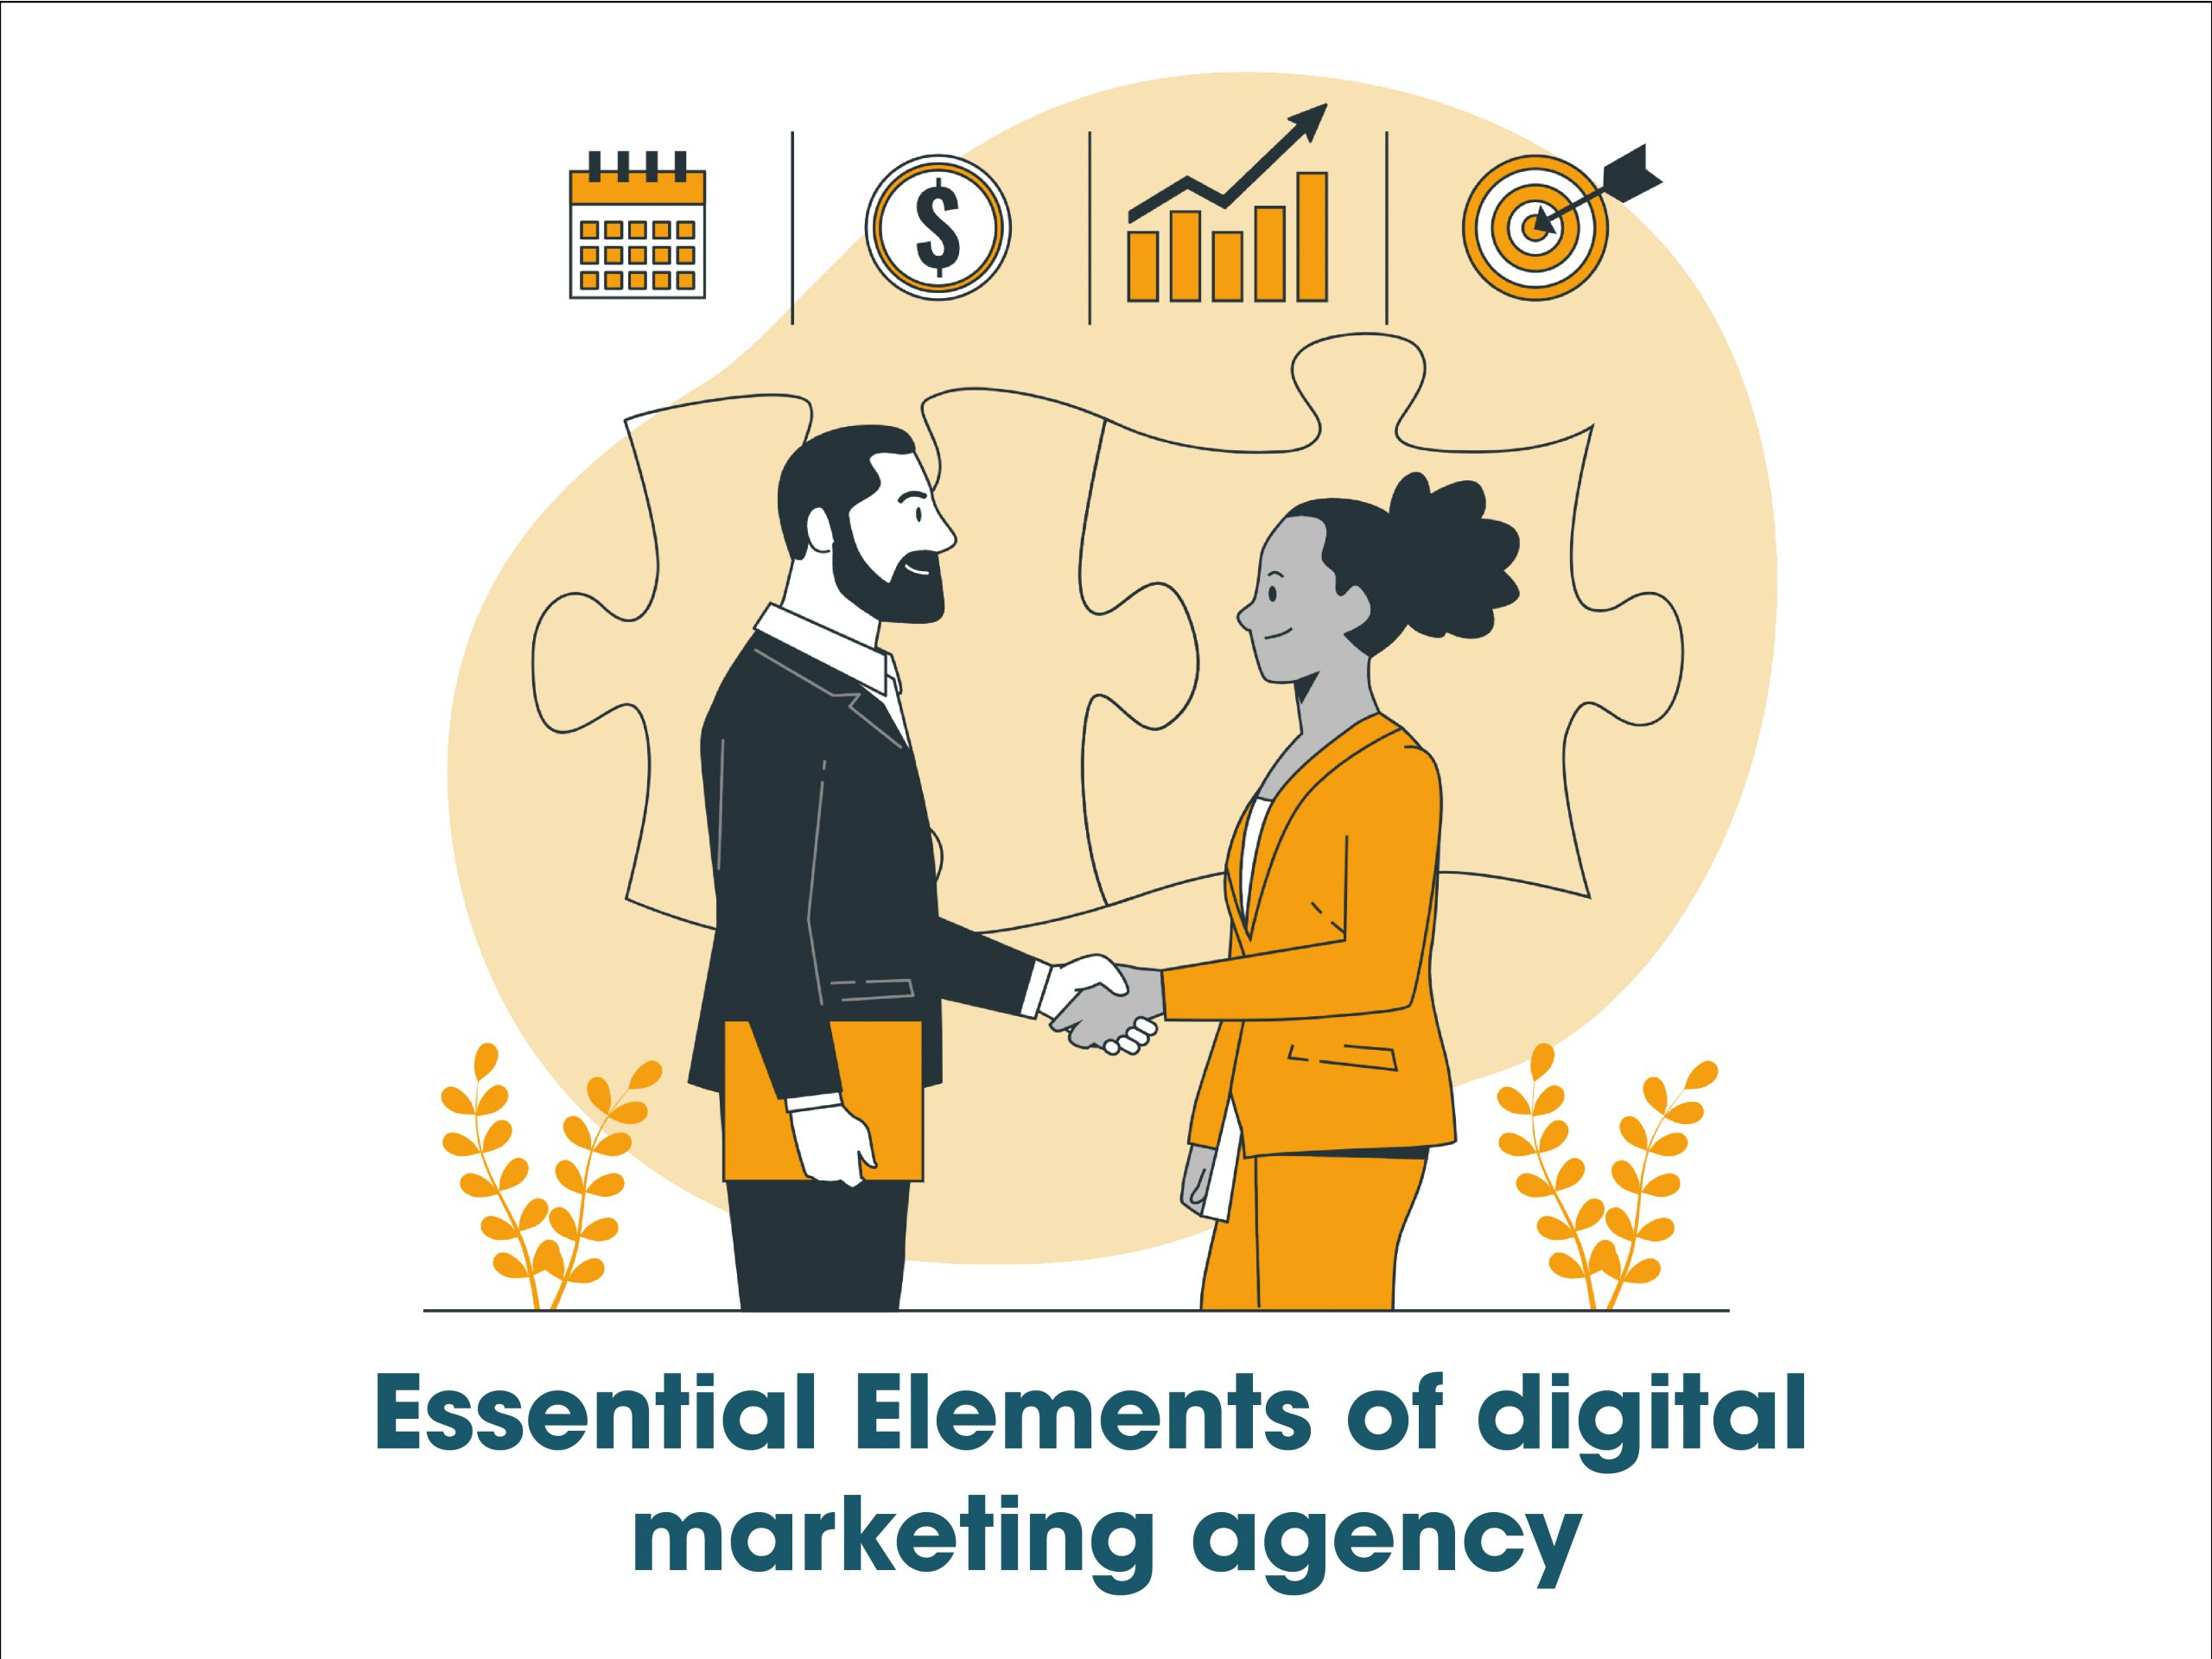 Essential Elements of digital marketing agency